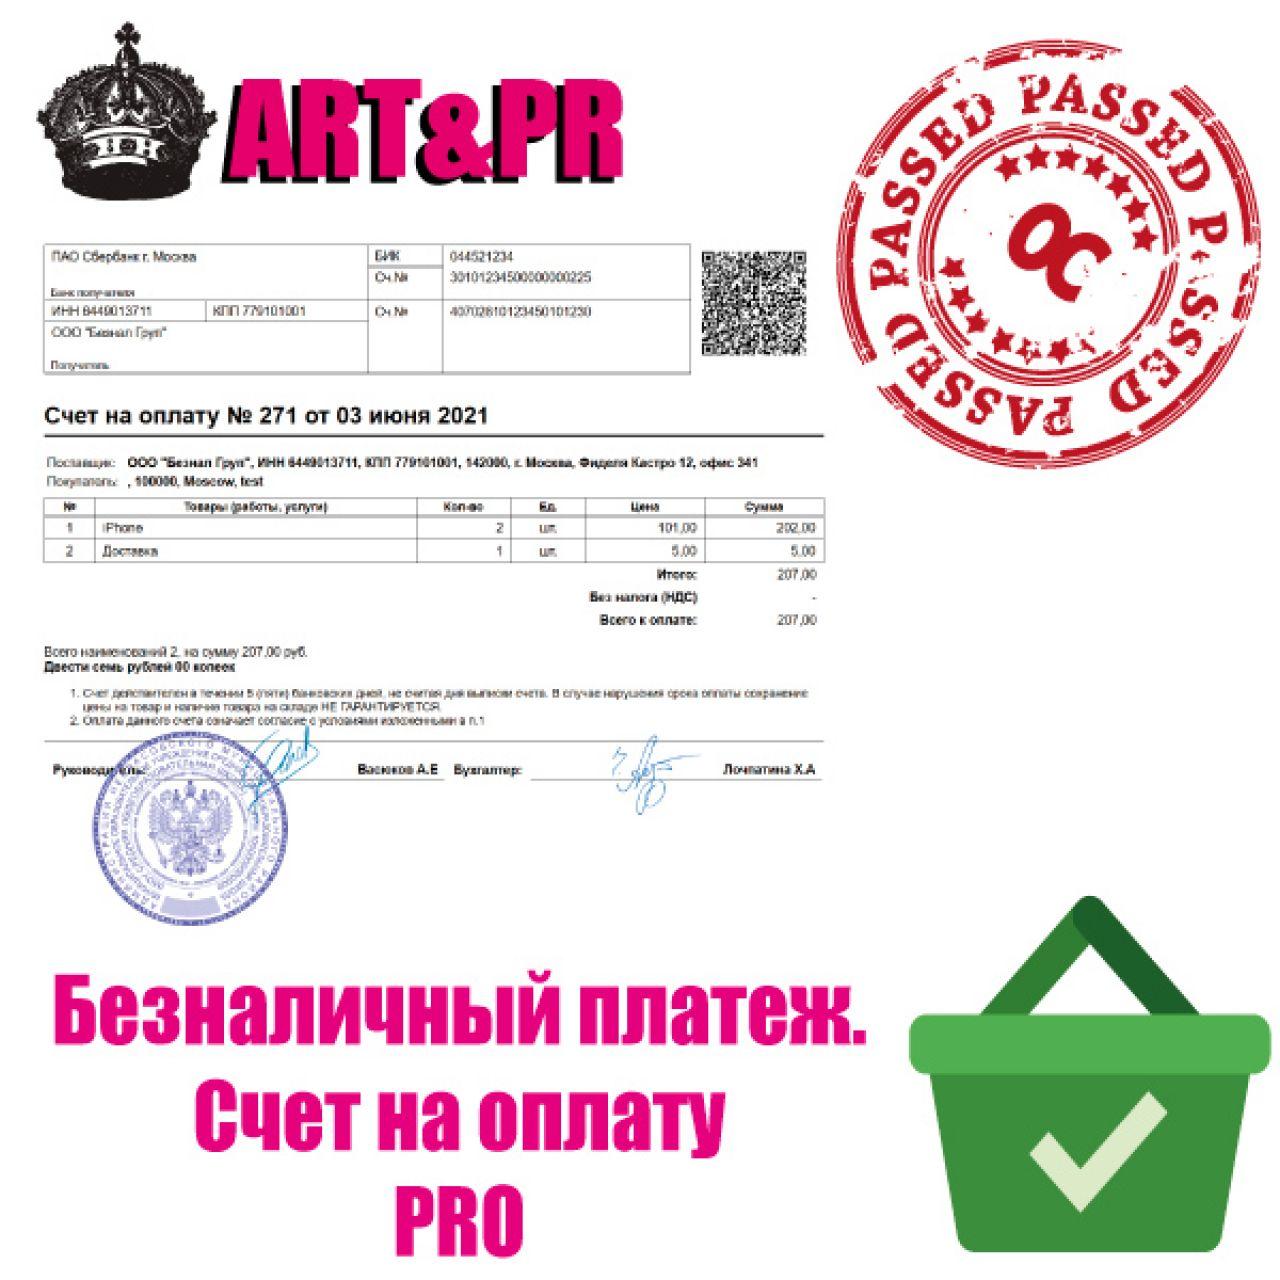 Безналичный платеж. Счет на оплату PRO для OC3 из категории Оплата для CMS OpenCart (ОпенКарт)